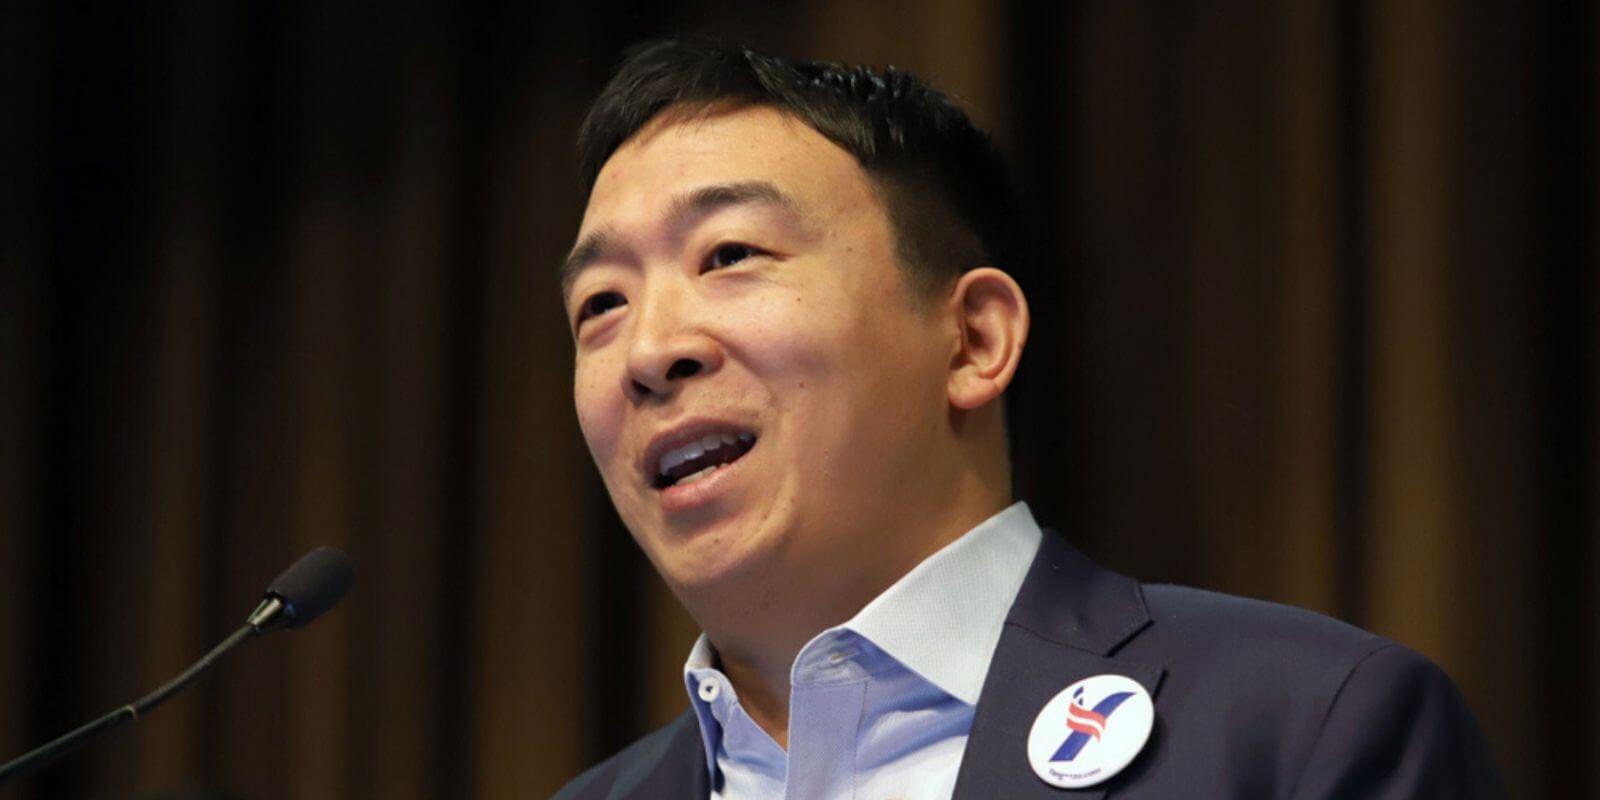 Le candidat pro-cryptos Andrew Yang se retire de la primaire démocrate aux USA